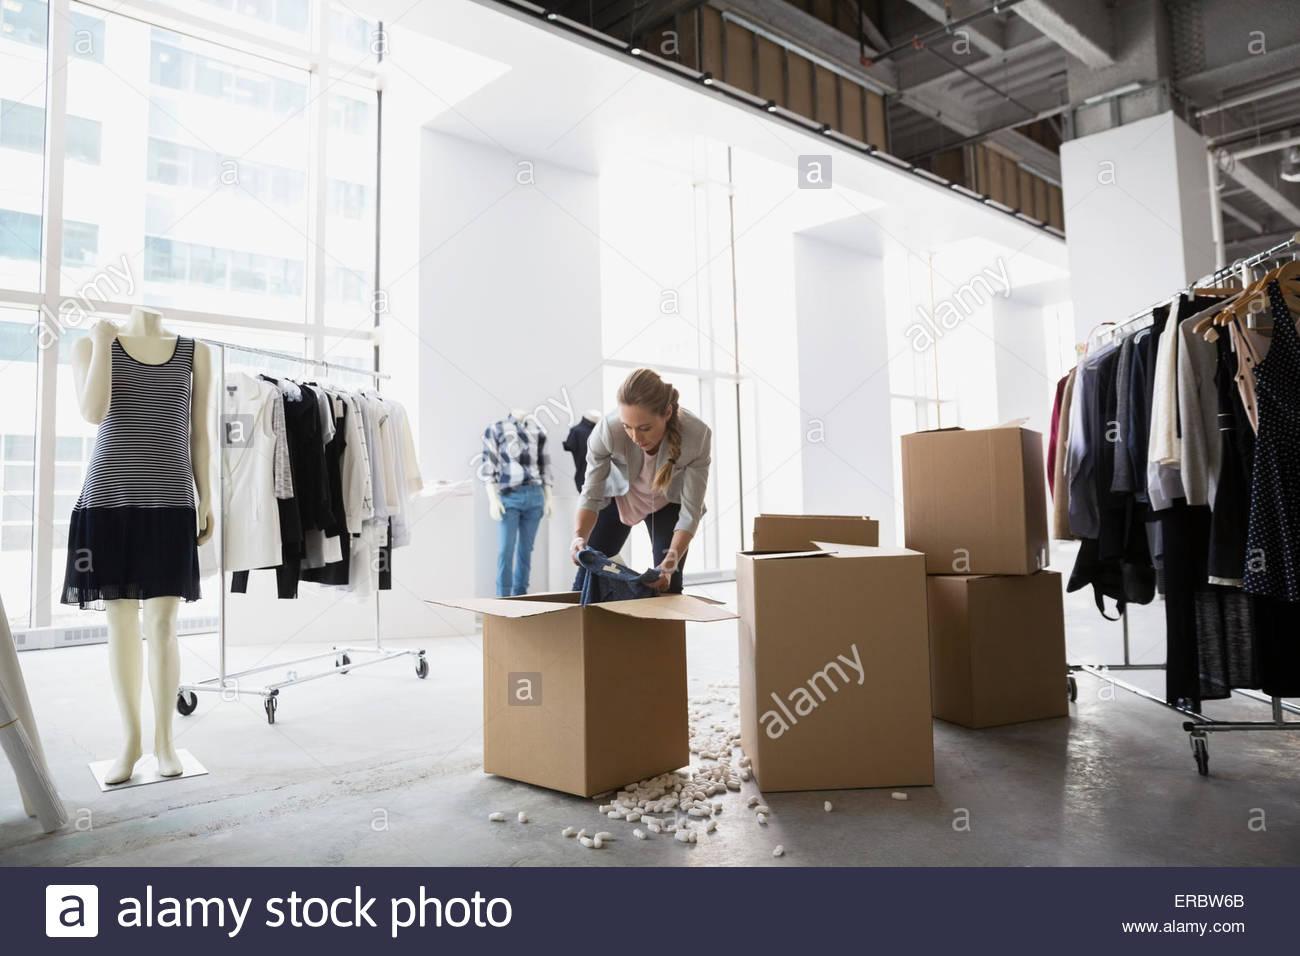 Fashion stylist unpacking clothing in studio - Stock Image